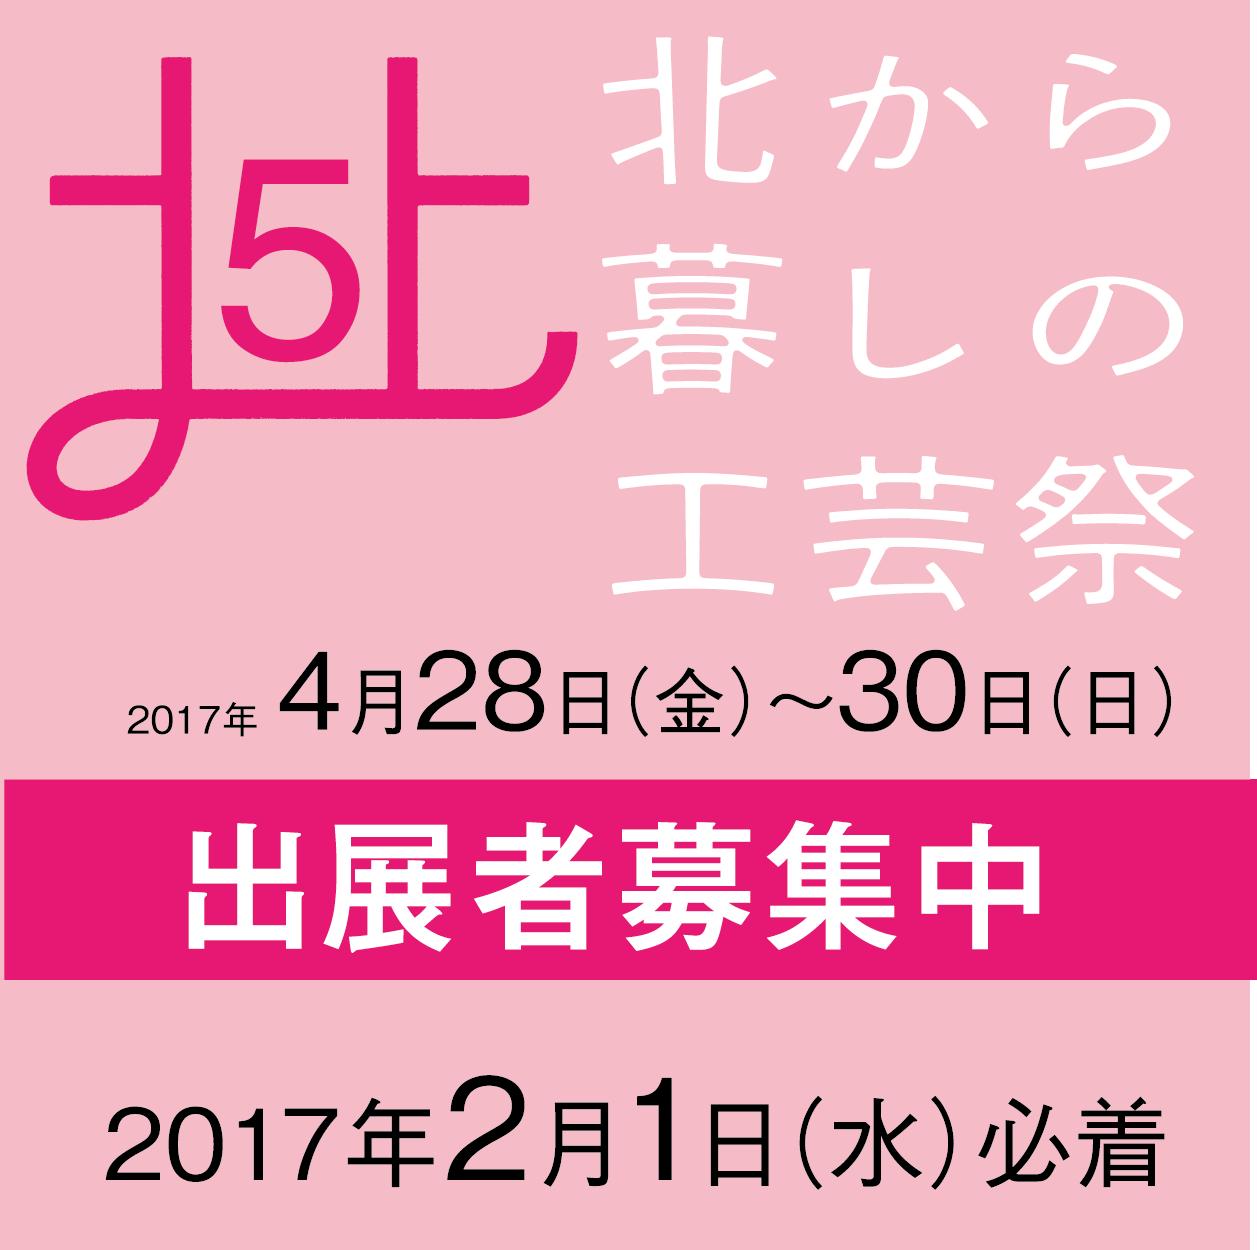 第5回 北から暮しの工芸祭出展者募集!